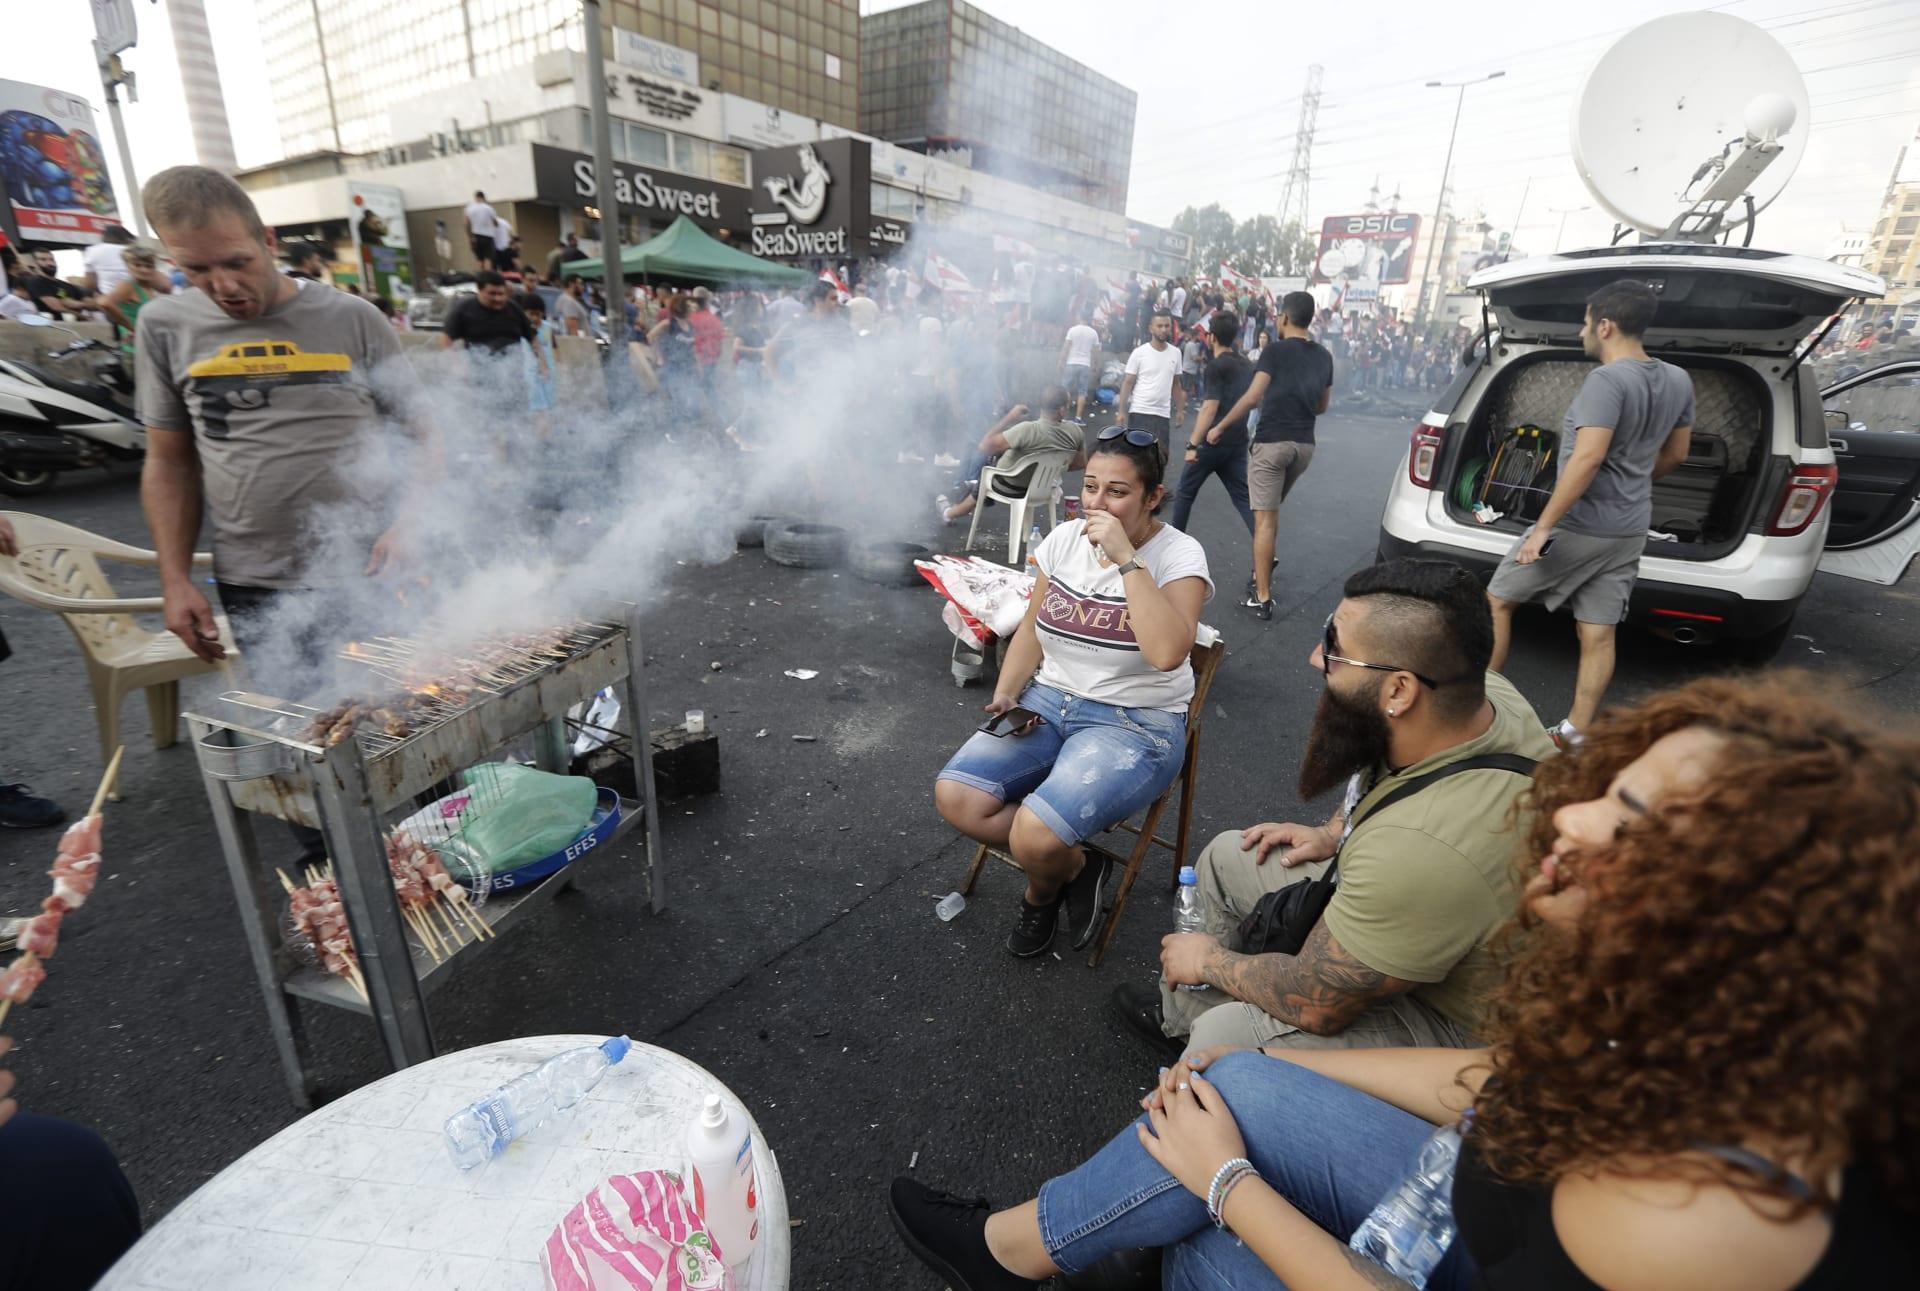 متظاهر لبناني يشوي اللحم على طريق سريع يربط بيروت بشمال لبنان، في زوق مصبح